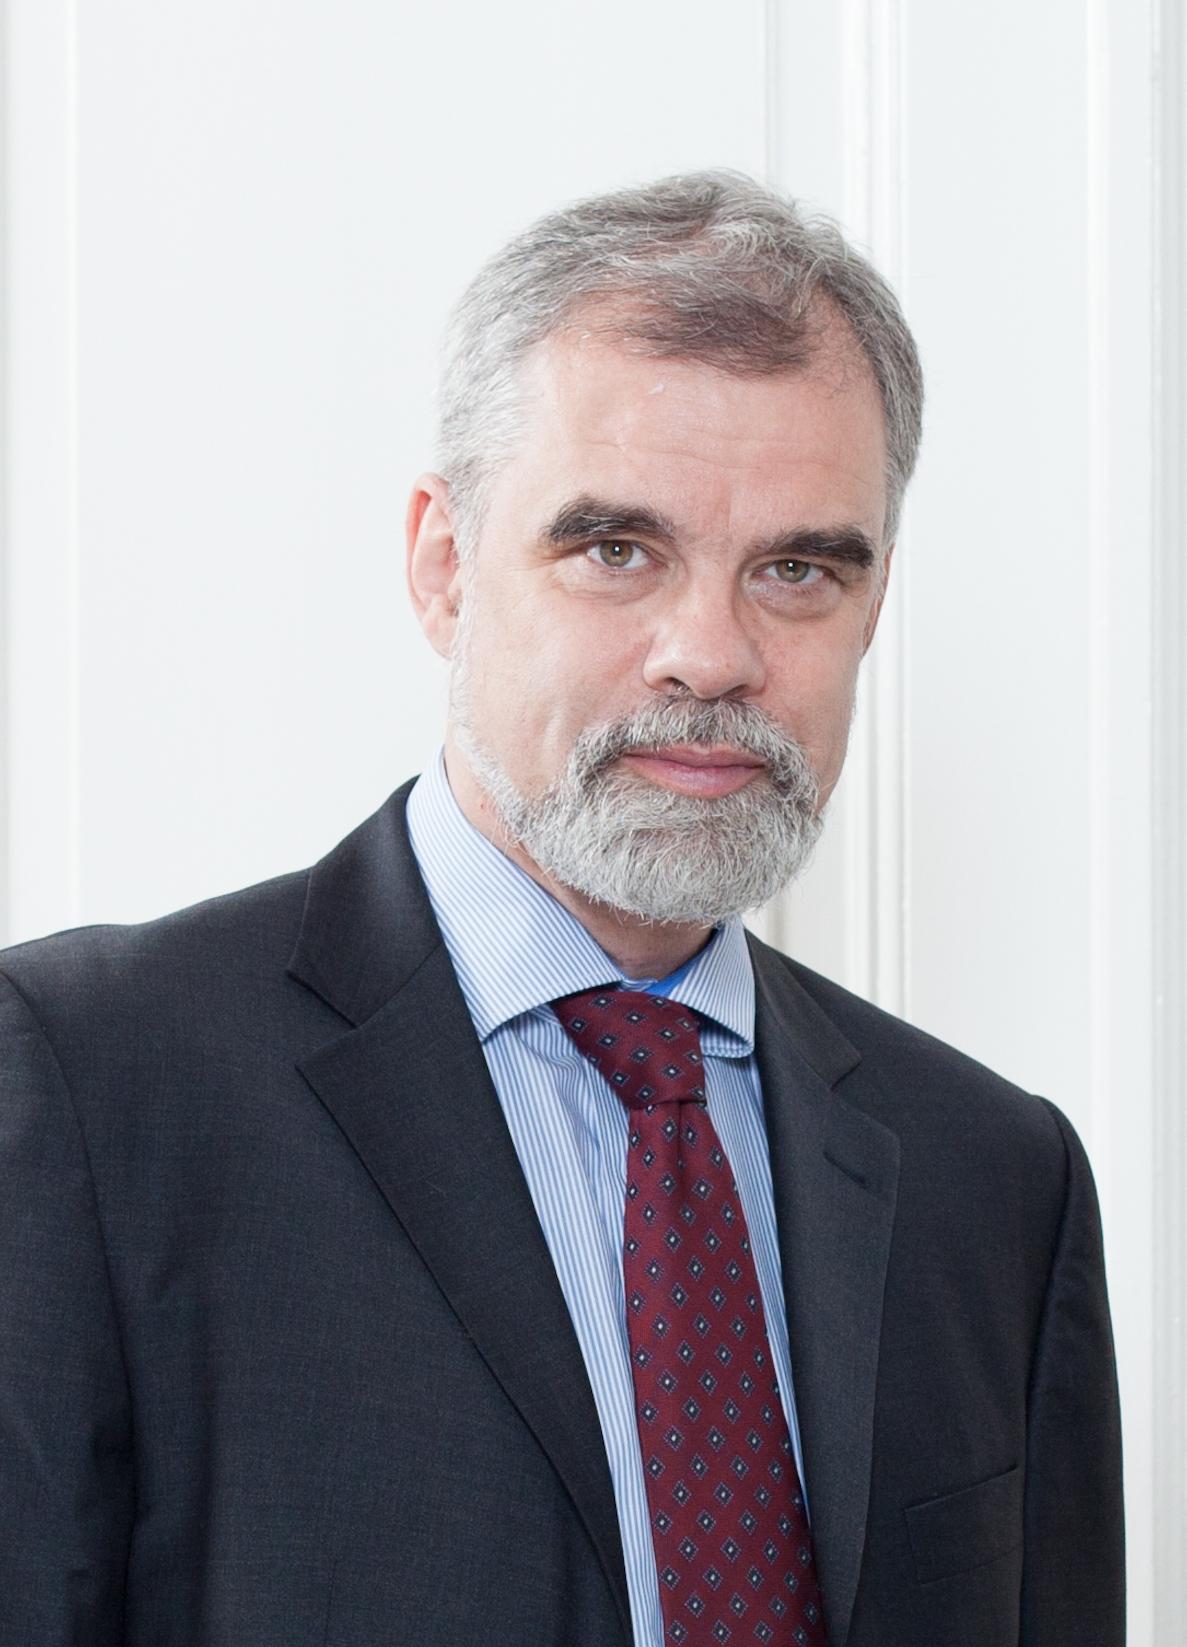 Rechtsanwalt Dr. Andreas Maschke